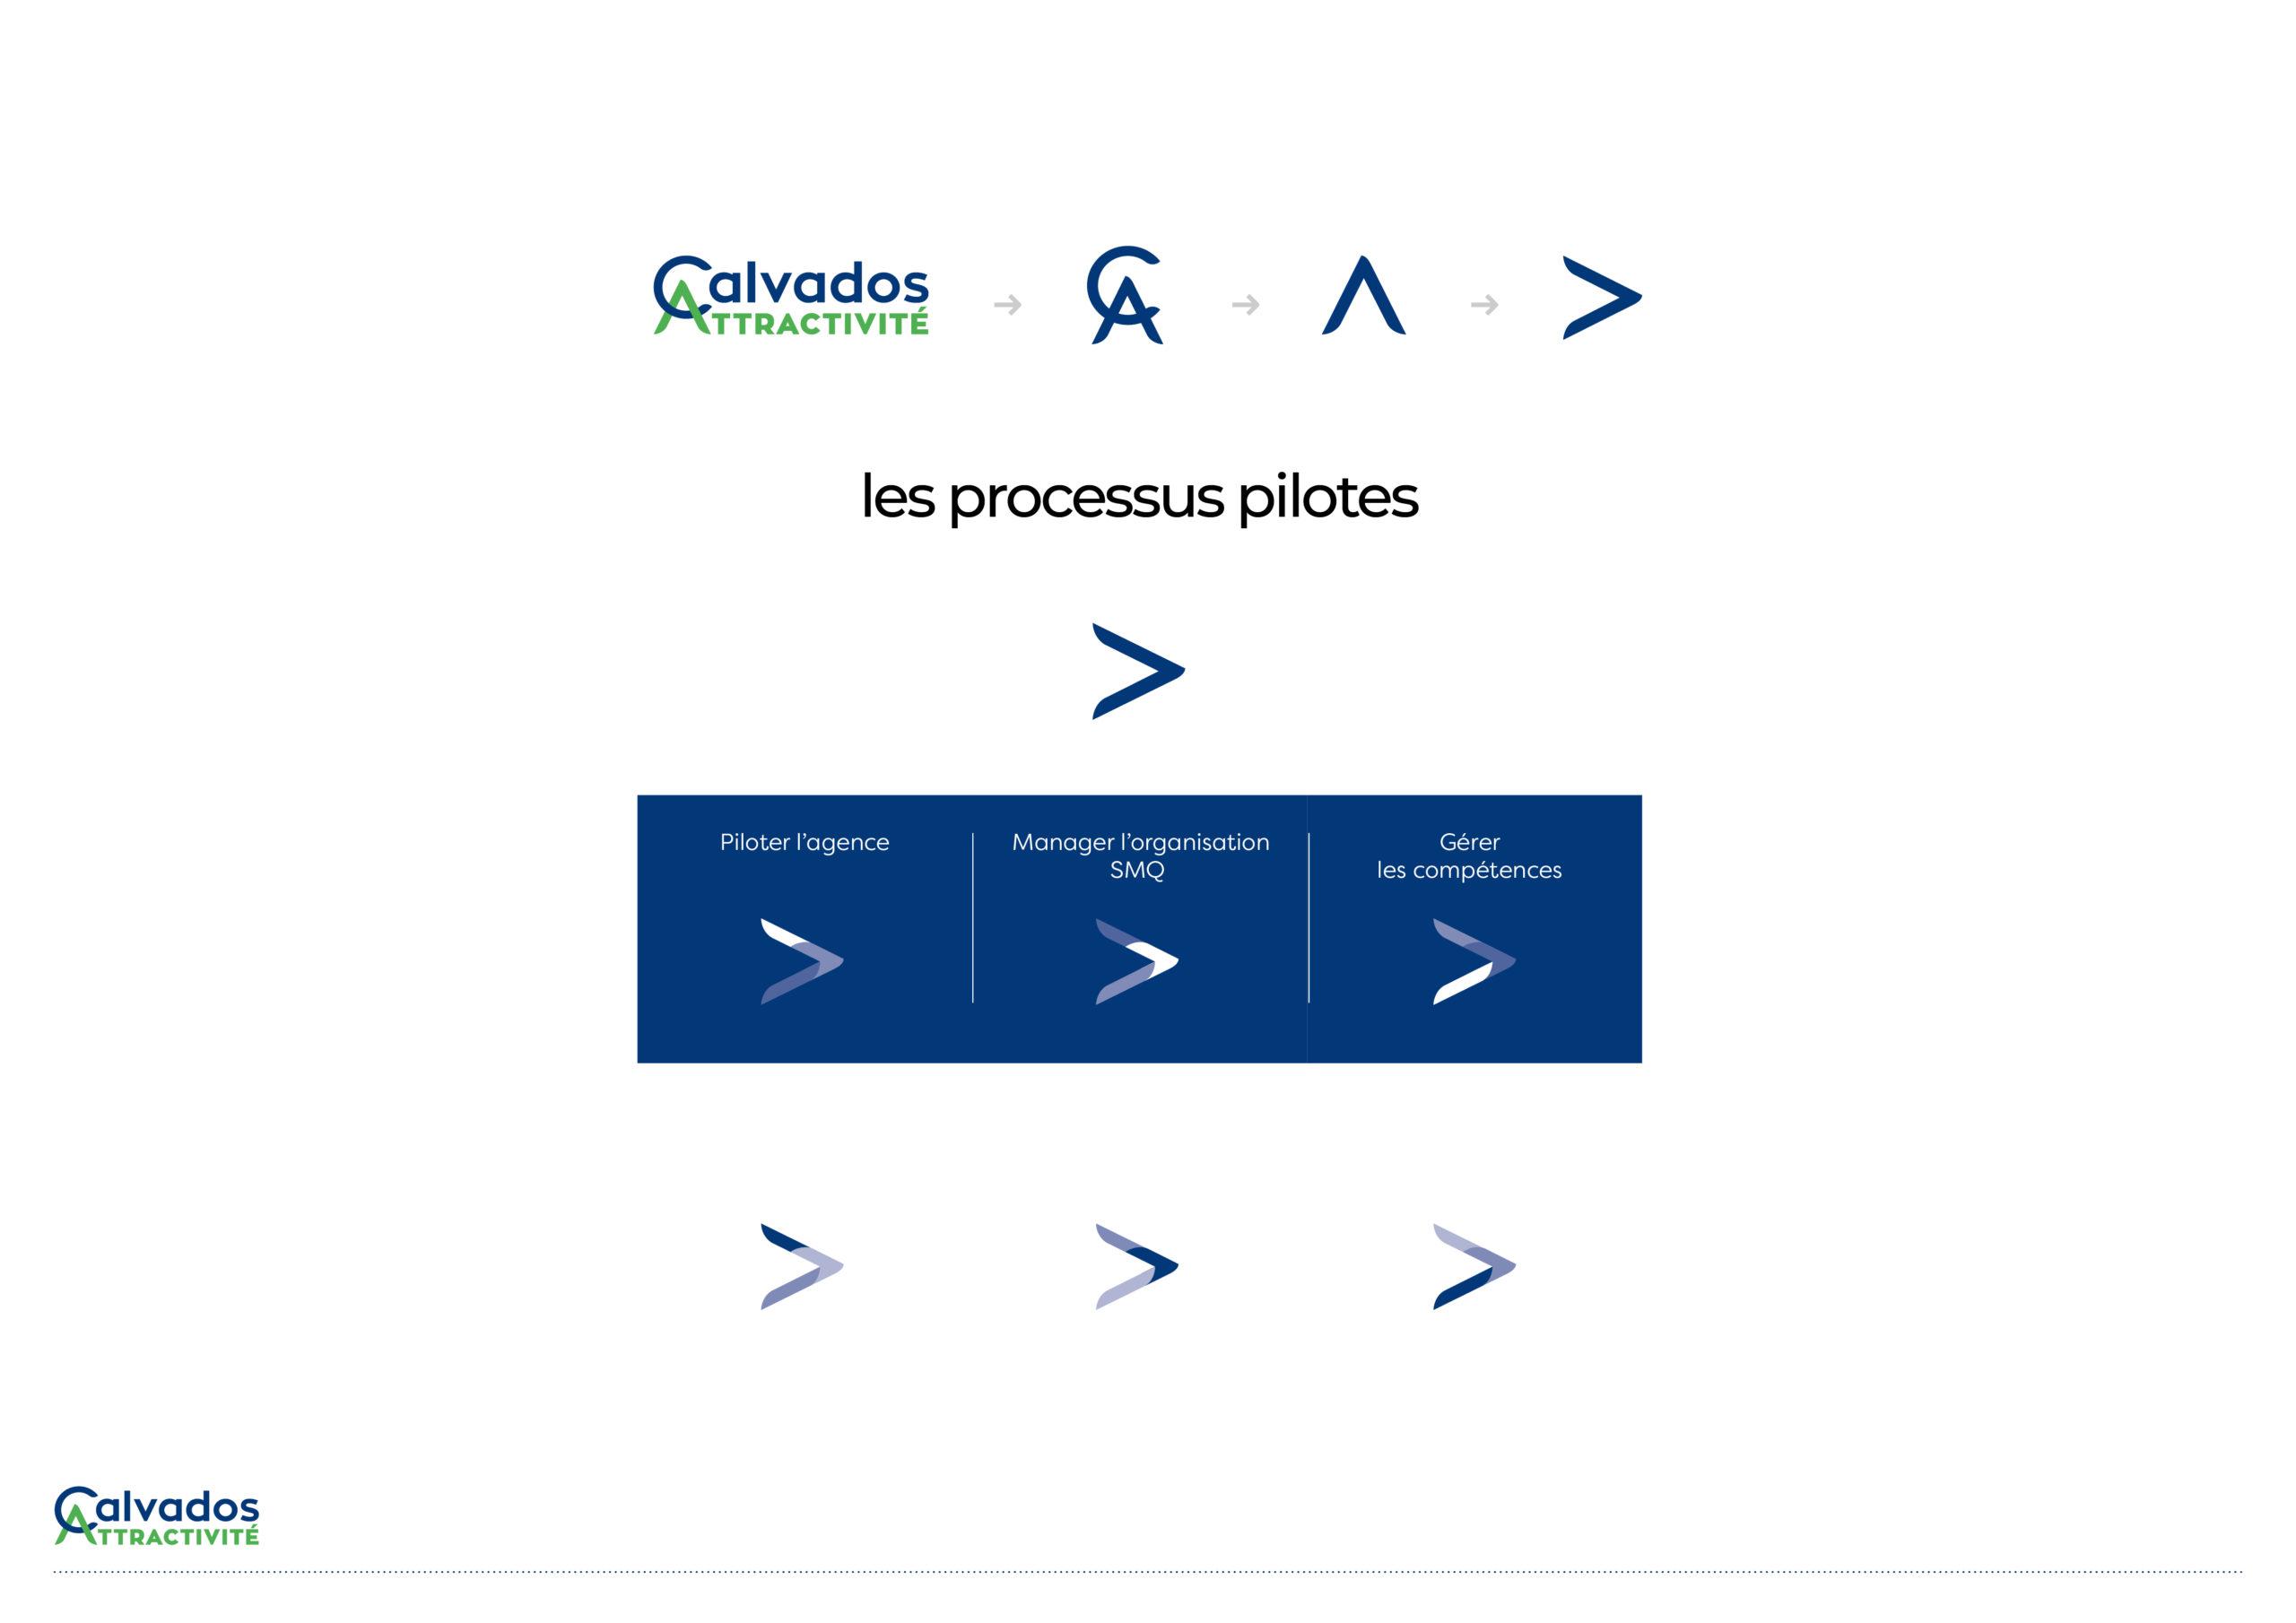 exemple de charte graphique